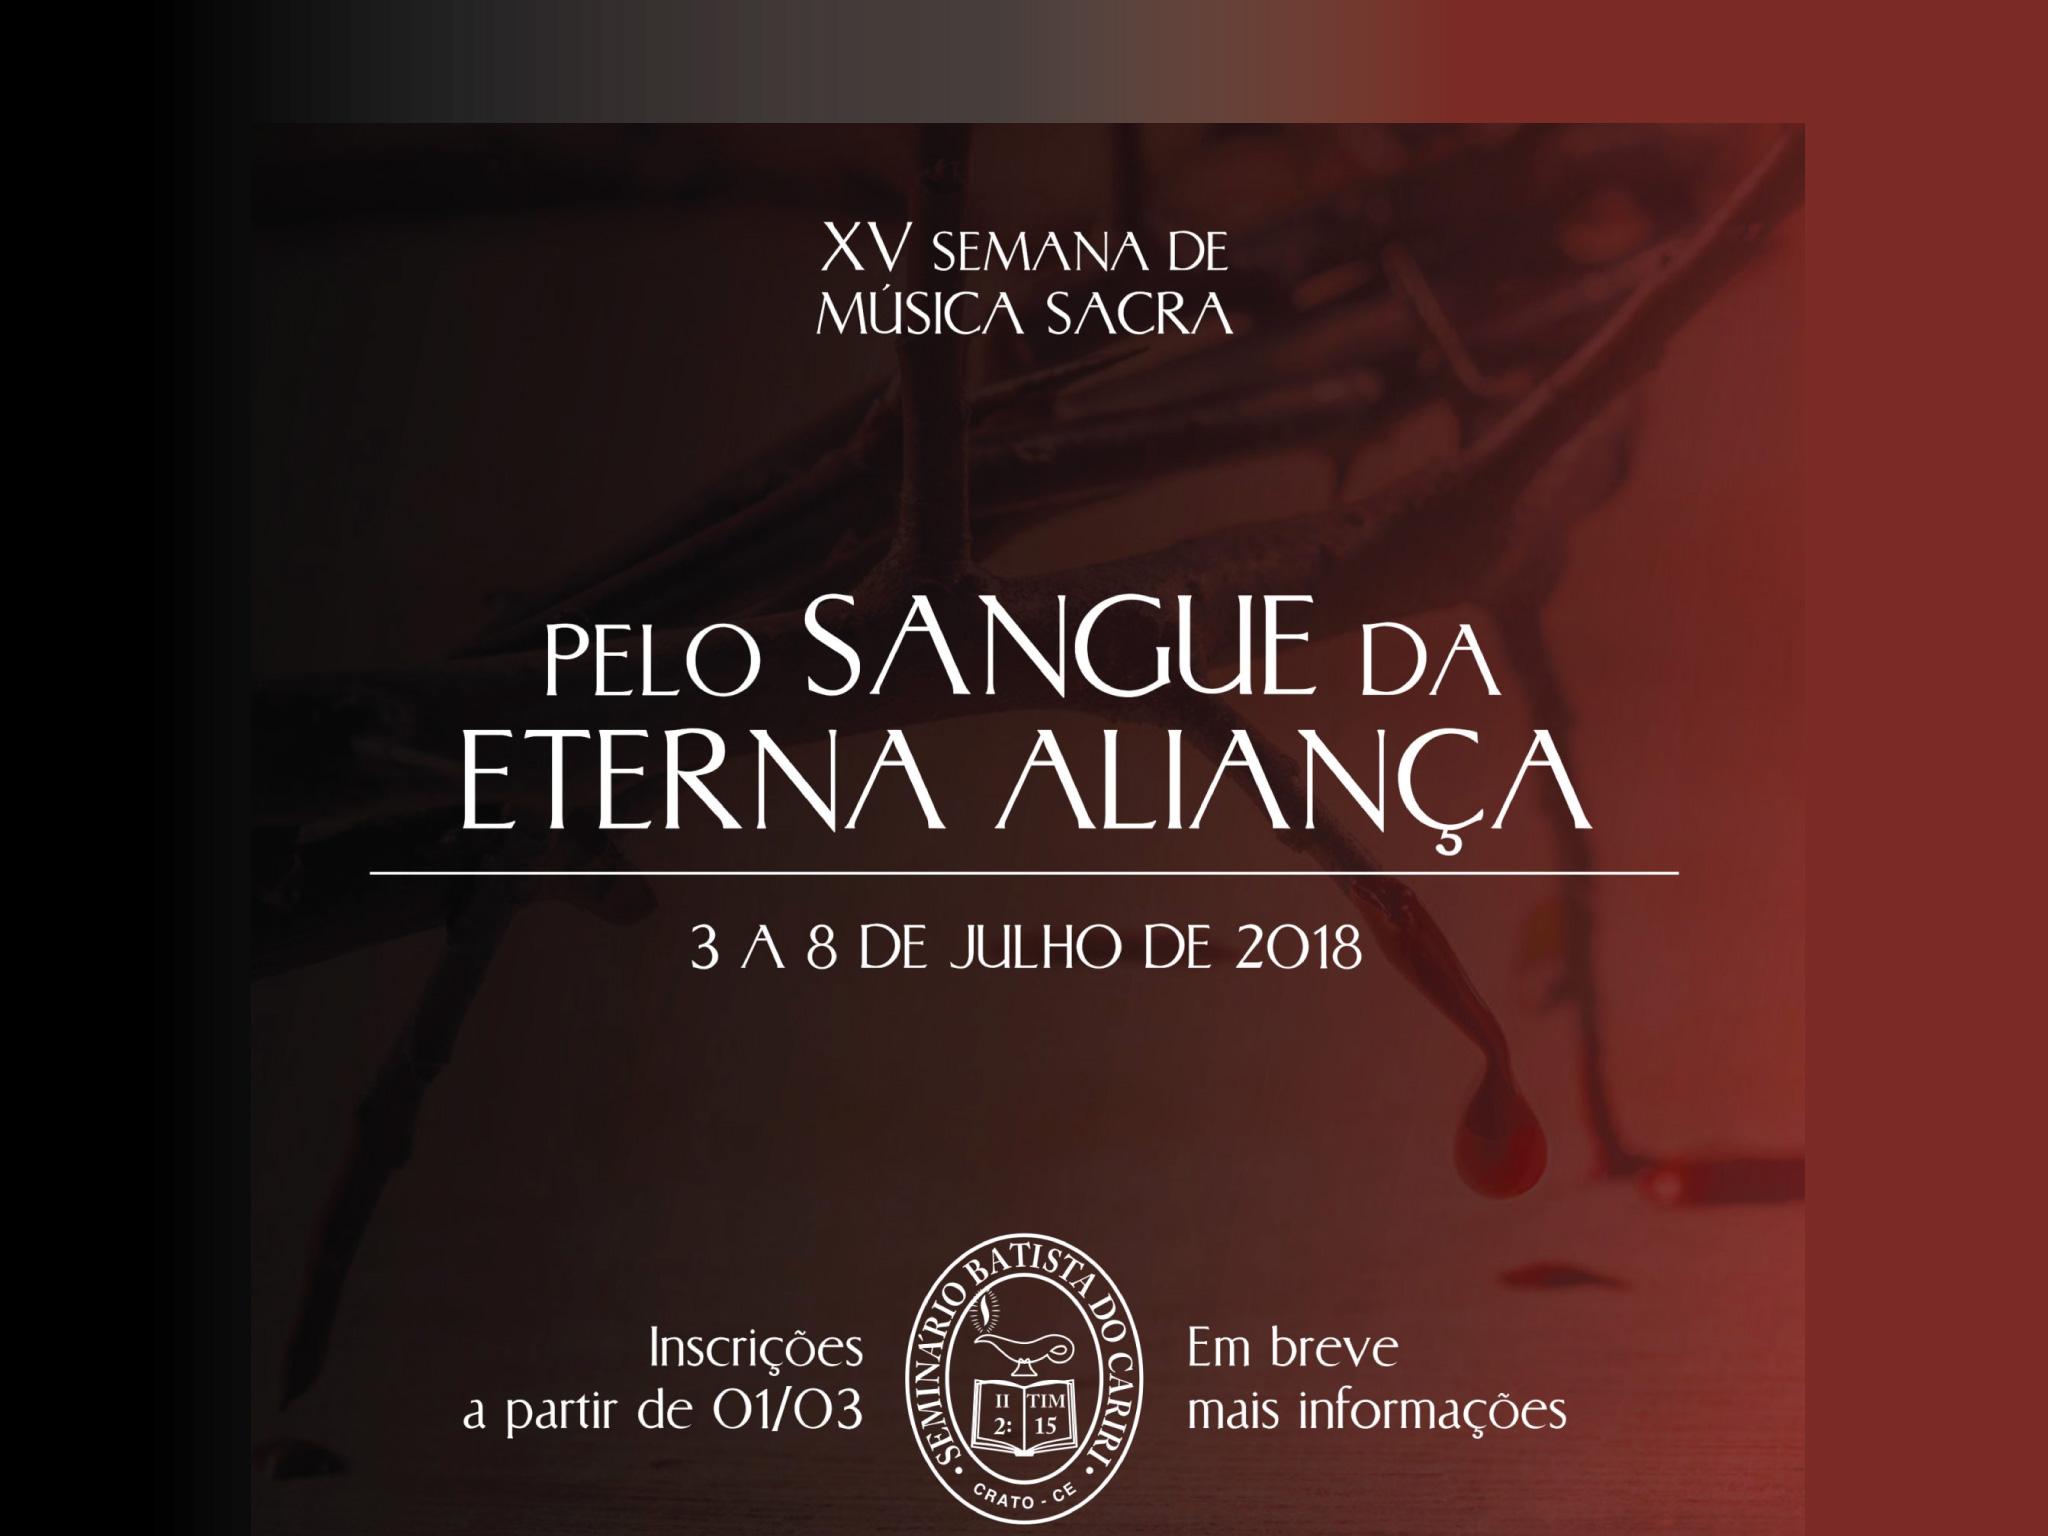 15º semana de música sacra pelo sangue da eterna aliança 3 a 8 de julho de 2018 seminário batista do cariri